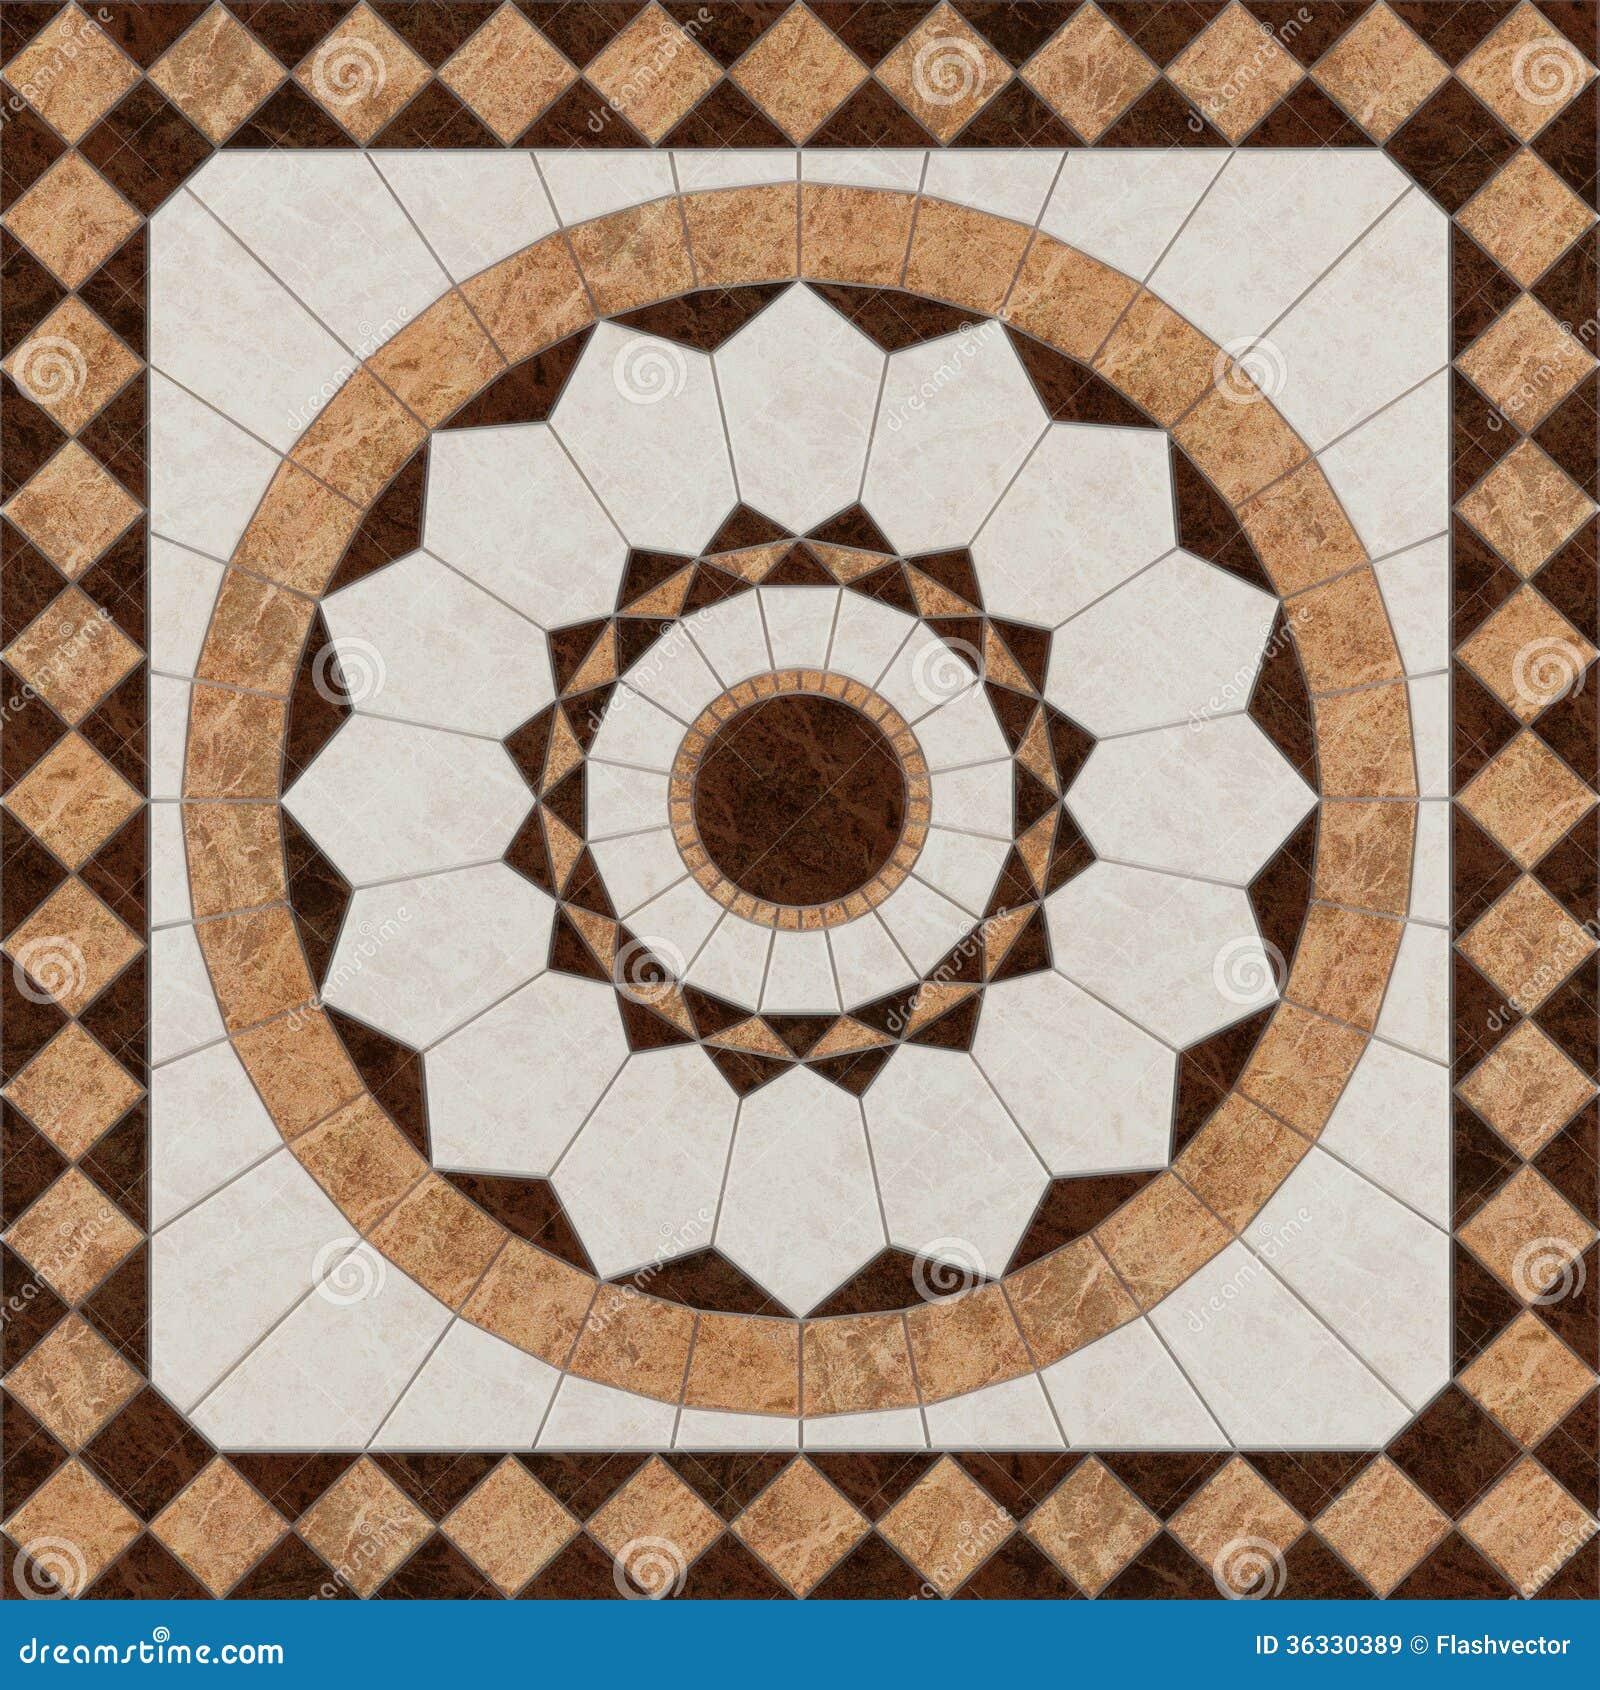 Marble Floor Patterns : Stone floor pattern tiles stock illustration